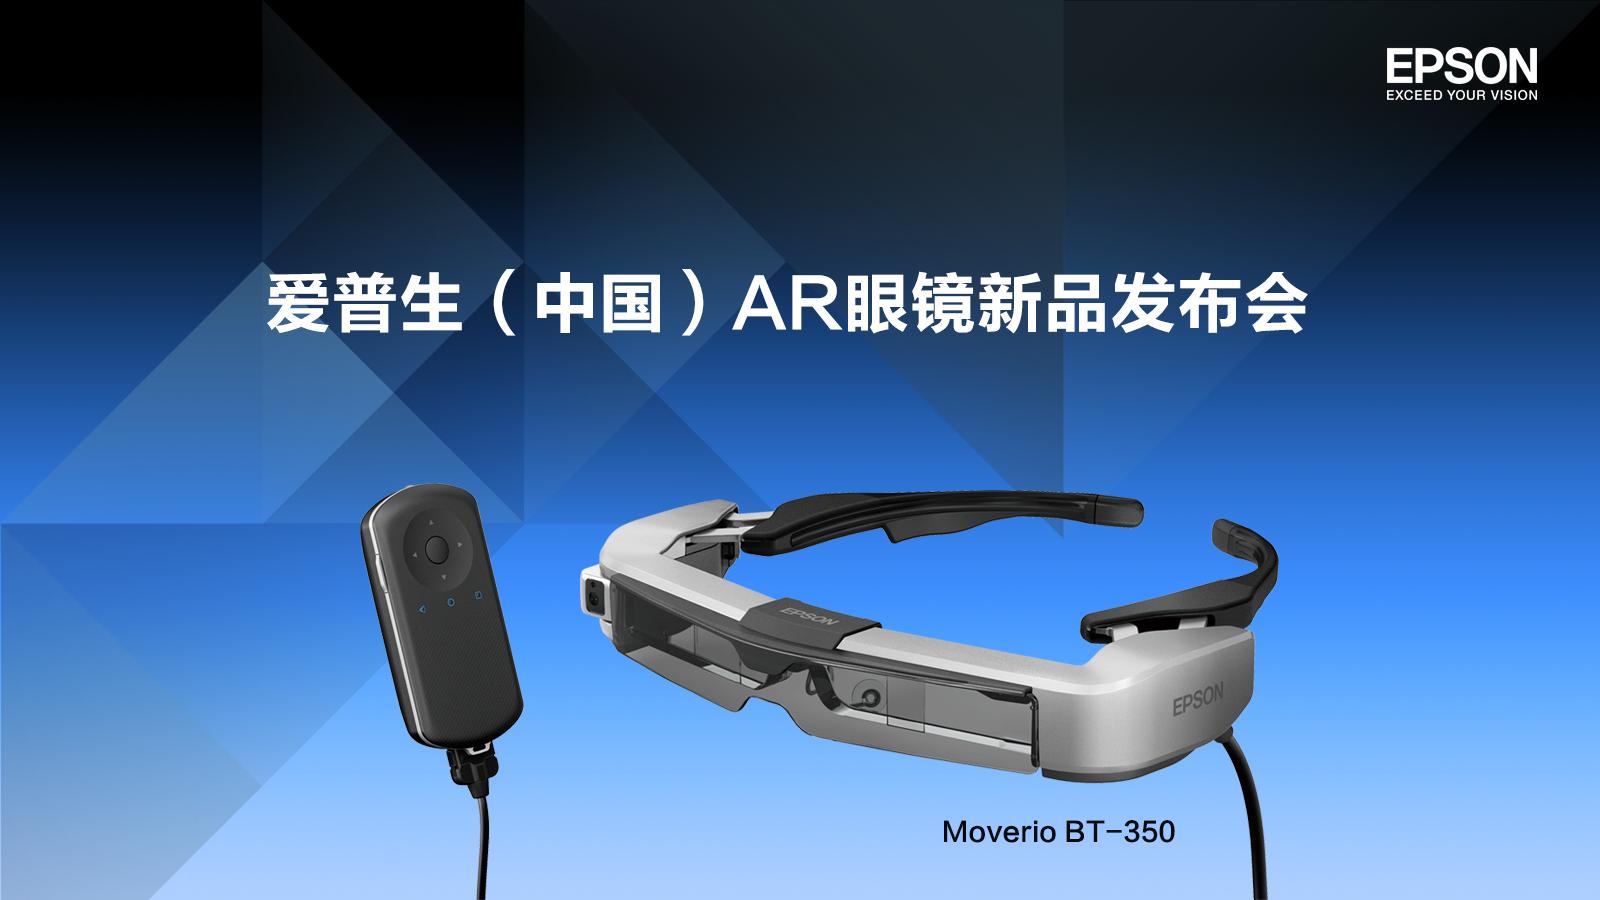 发布 | 多年技术沉淀,破壳AR显示,爱普生消费级AR眼镜明年正式开售